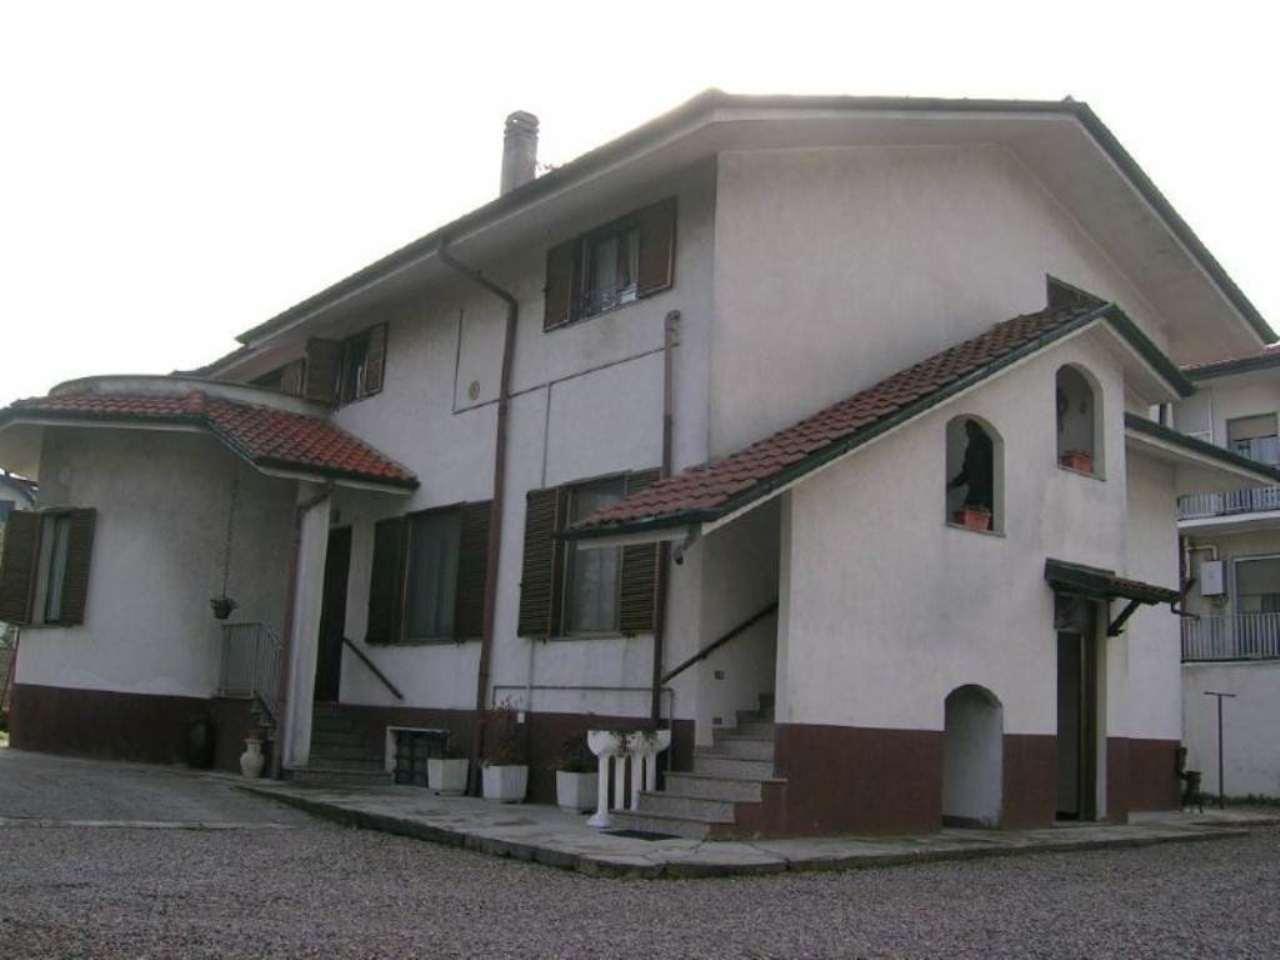 Soluzione Semindipendente in vendita a Arluno, 4 locali, prezzo € 207.000 | Cambio Casa.it